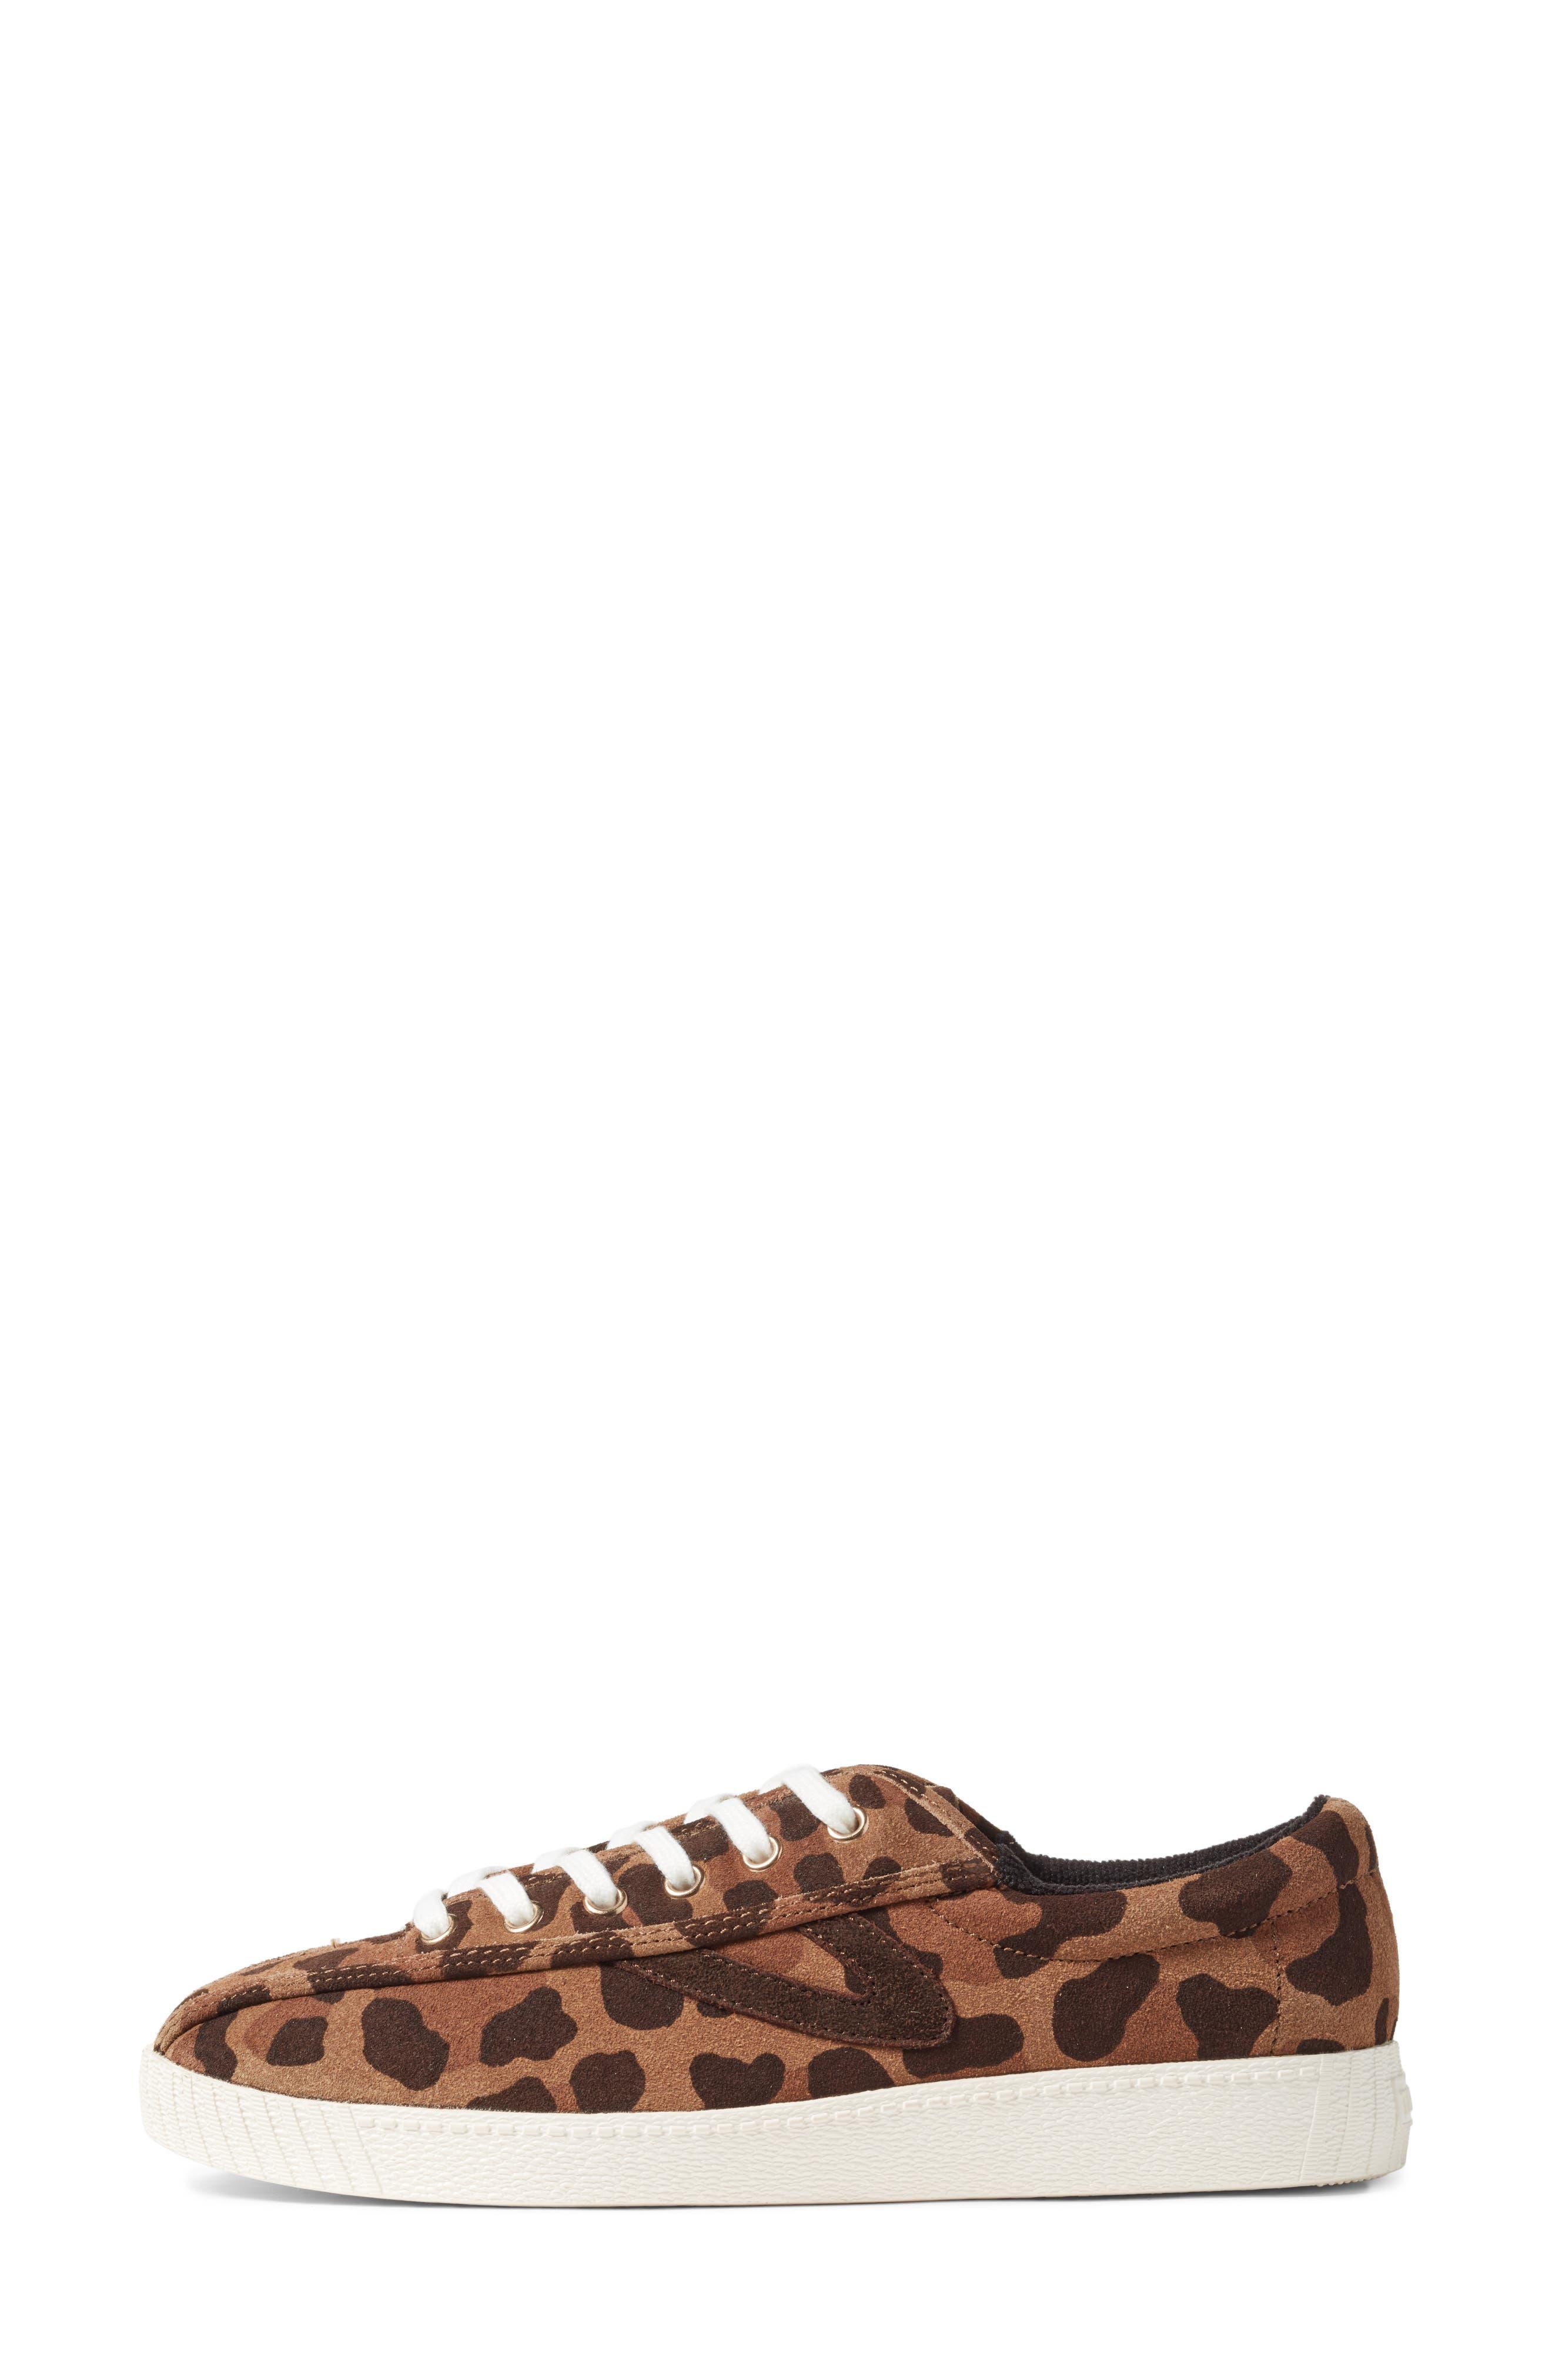 'Nylite2 Plus' Sneaker,                             Alternate thumbnail 3, color,                             TAN/ BLACK MULTI / BLACK